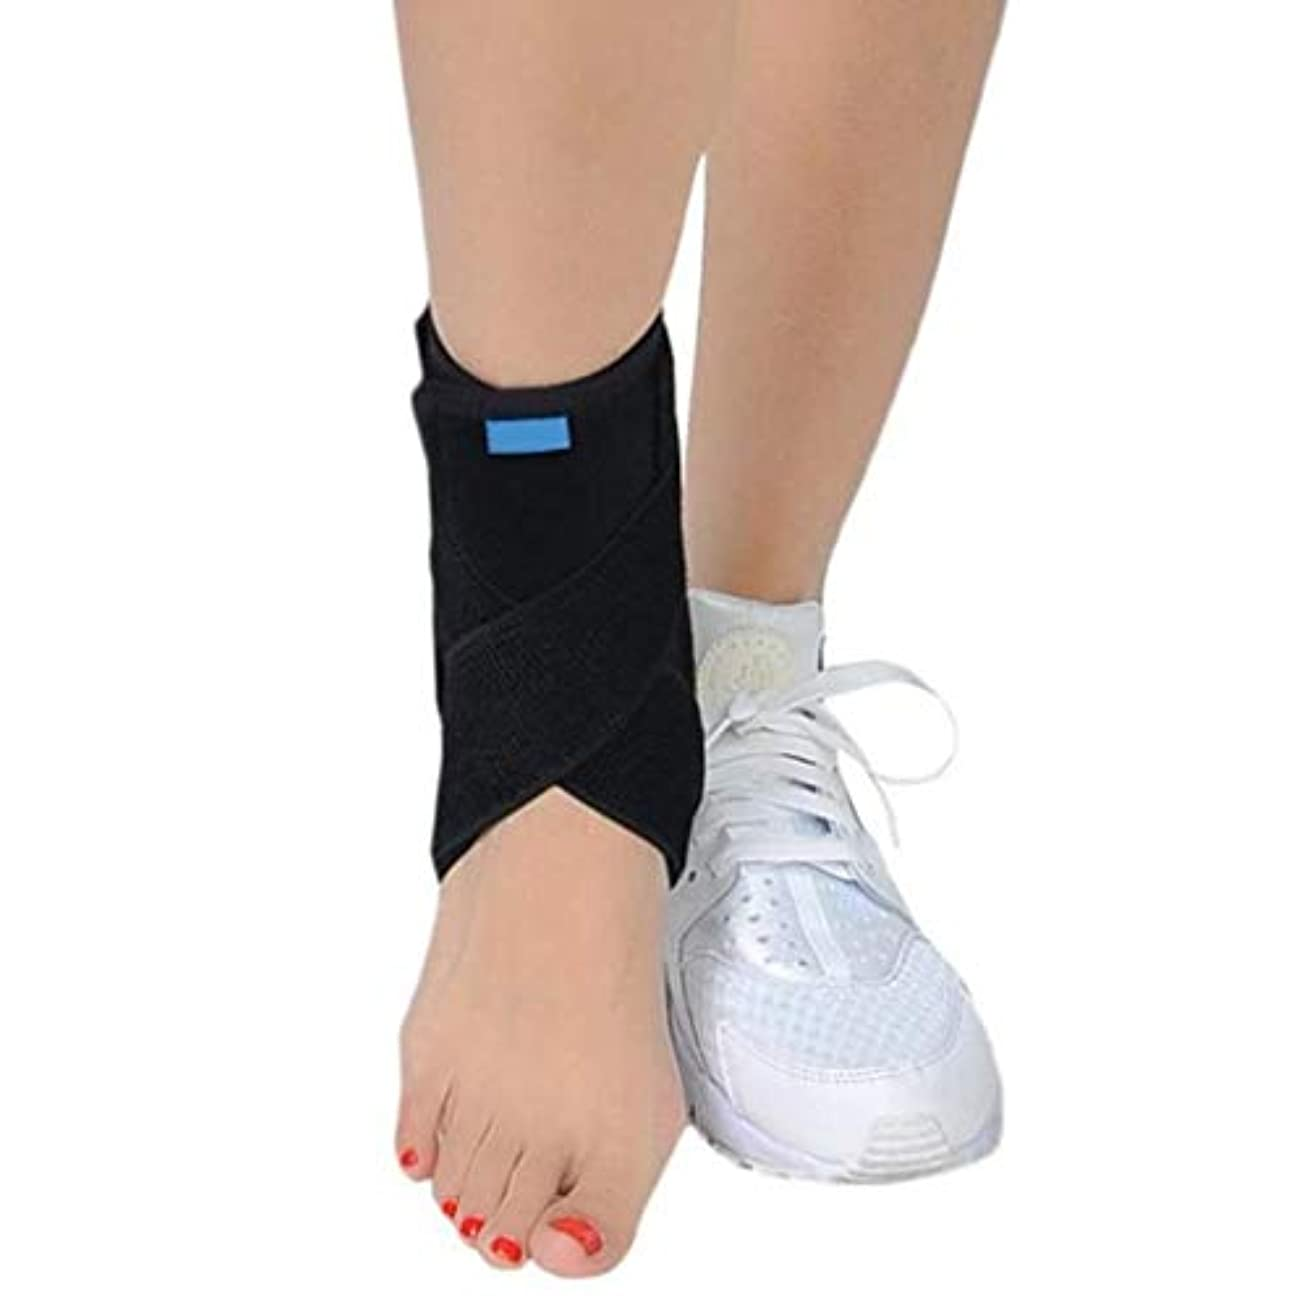 周囲飛躍レイア足スプリント足首装具、矯正足ドロップ姿勢、かかとの痛み、足ドロップ、足底筋膜炎の安定化とアキレス腱炎の症状を緩和します